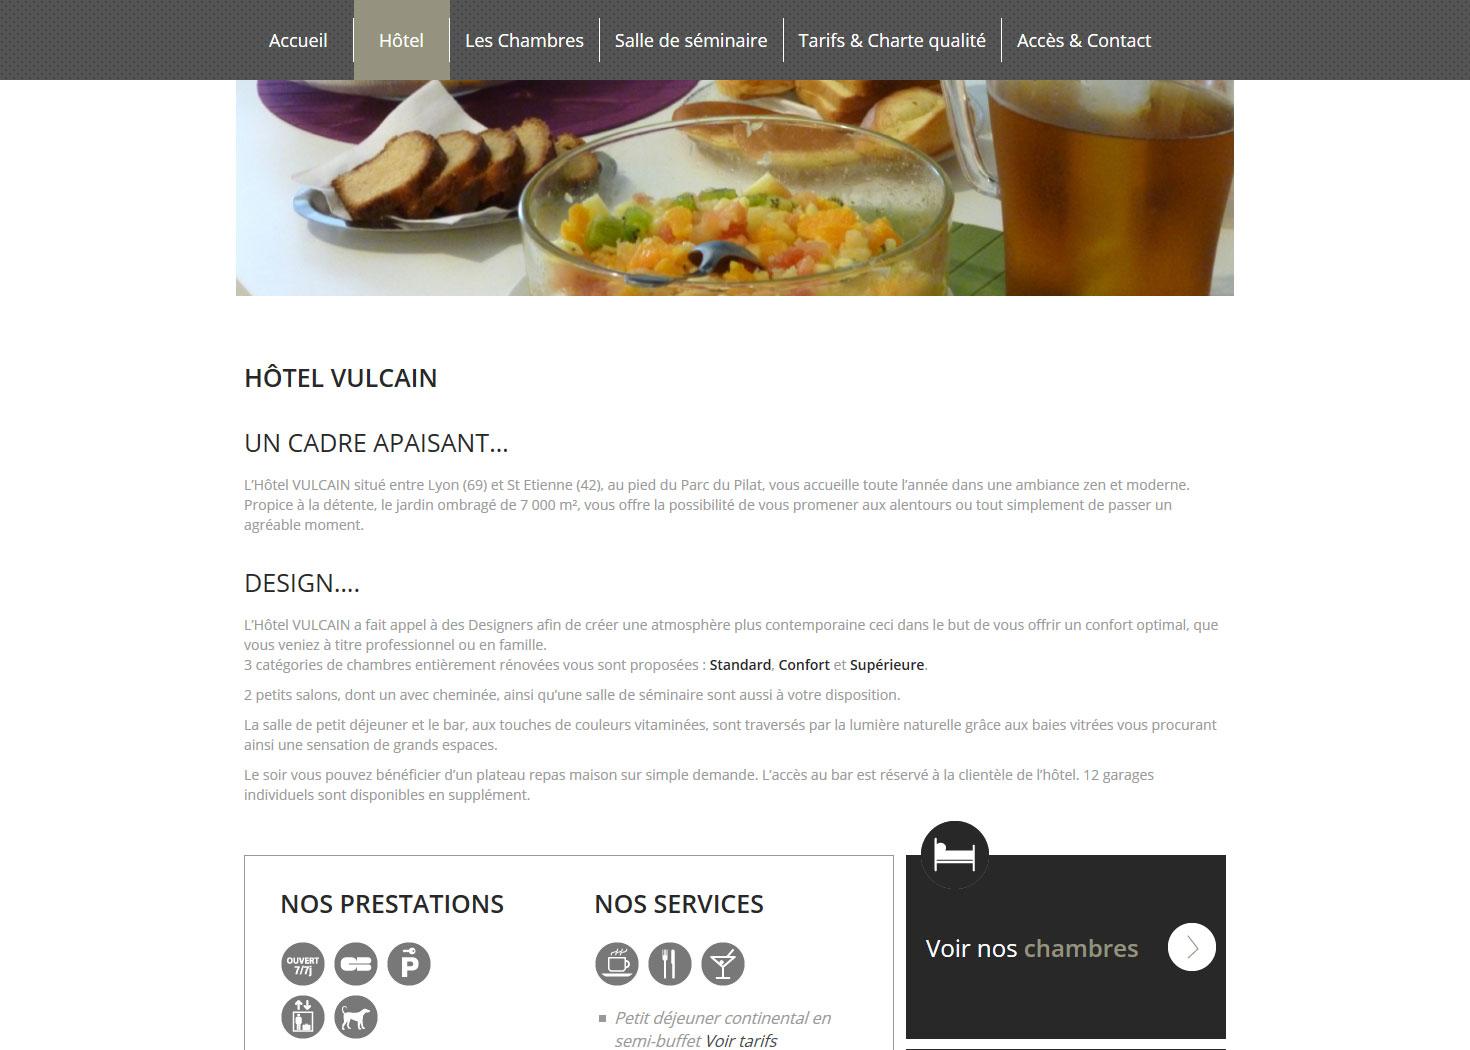 hotelvulcain-page1